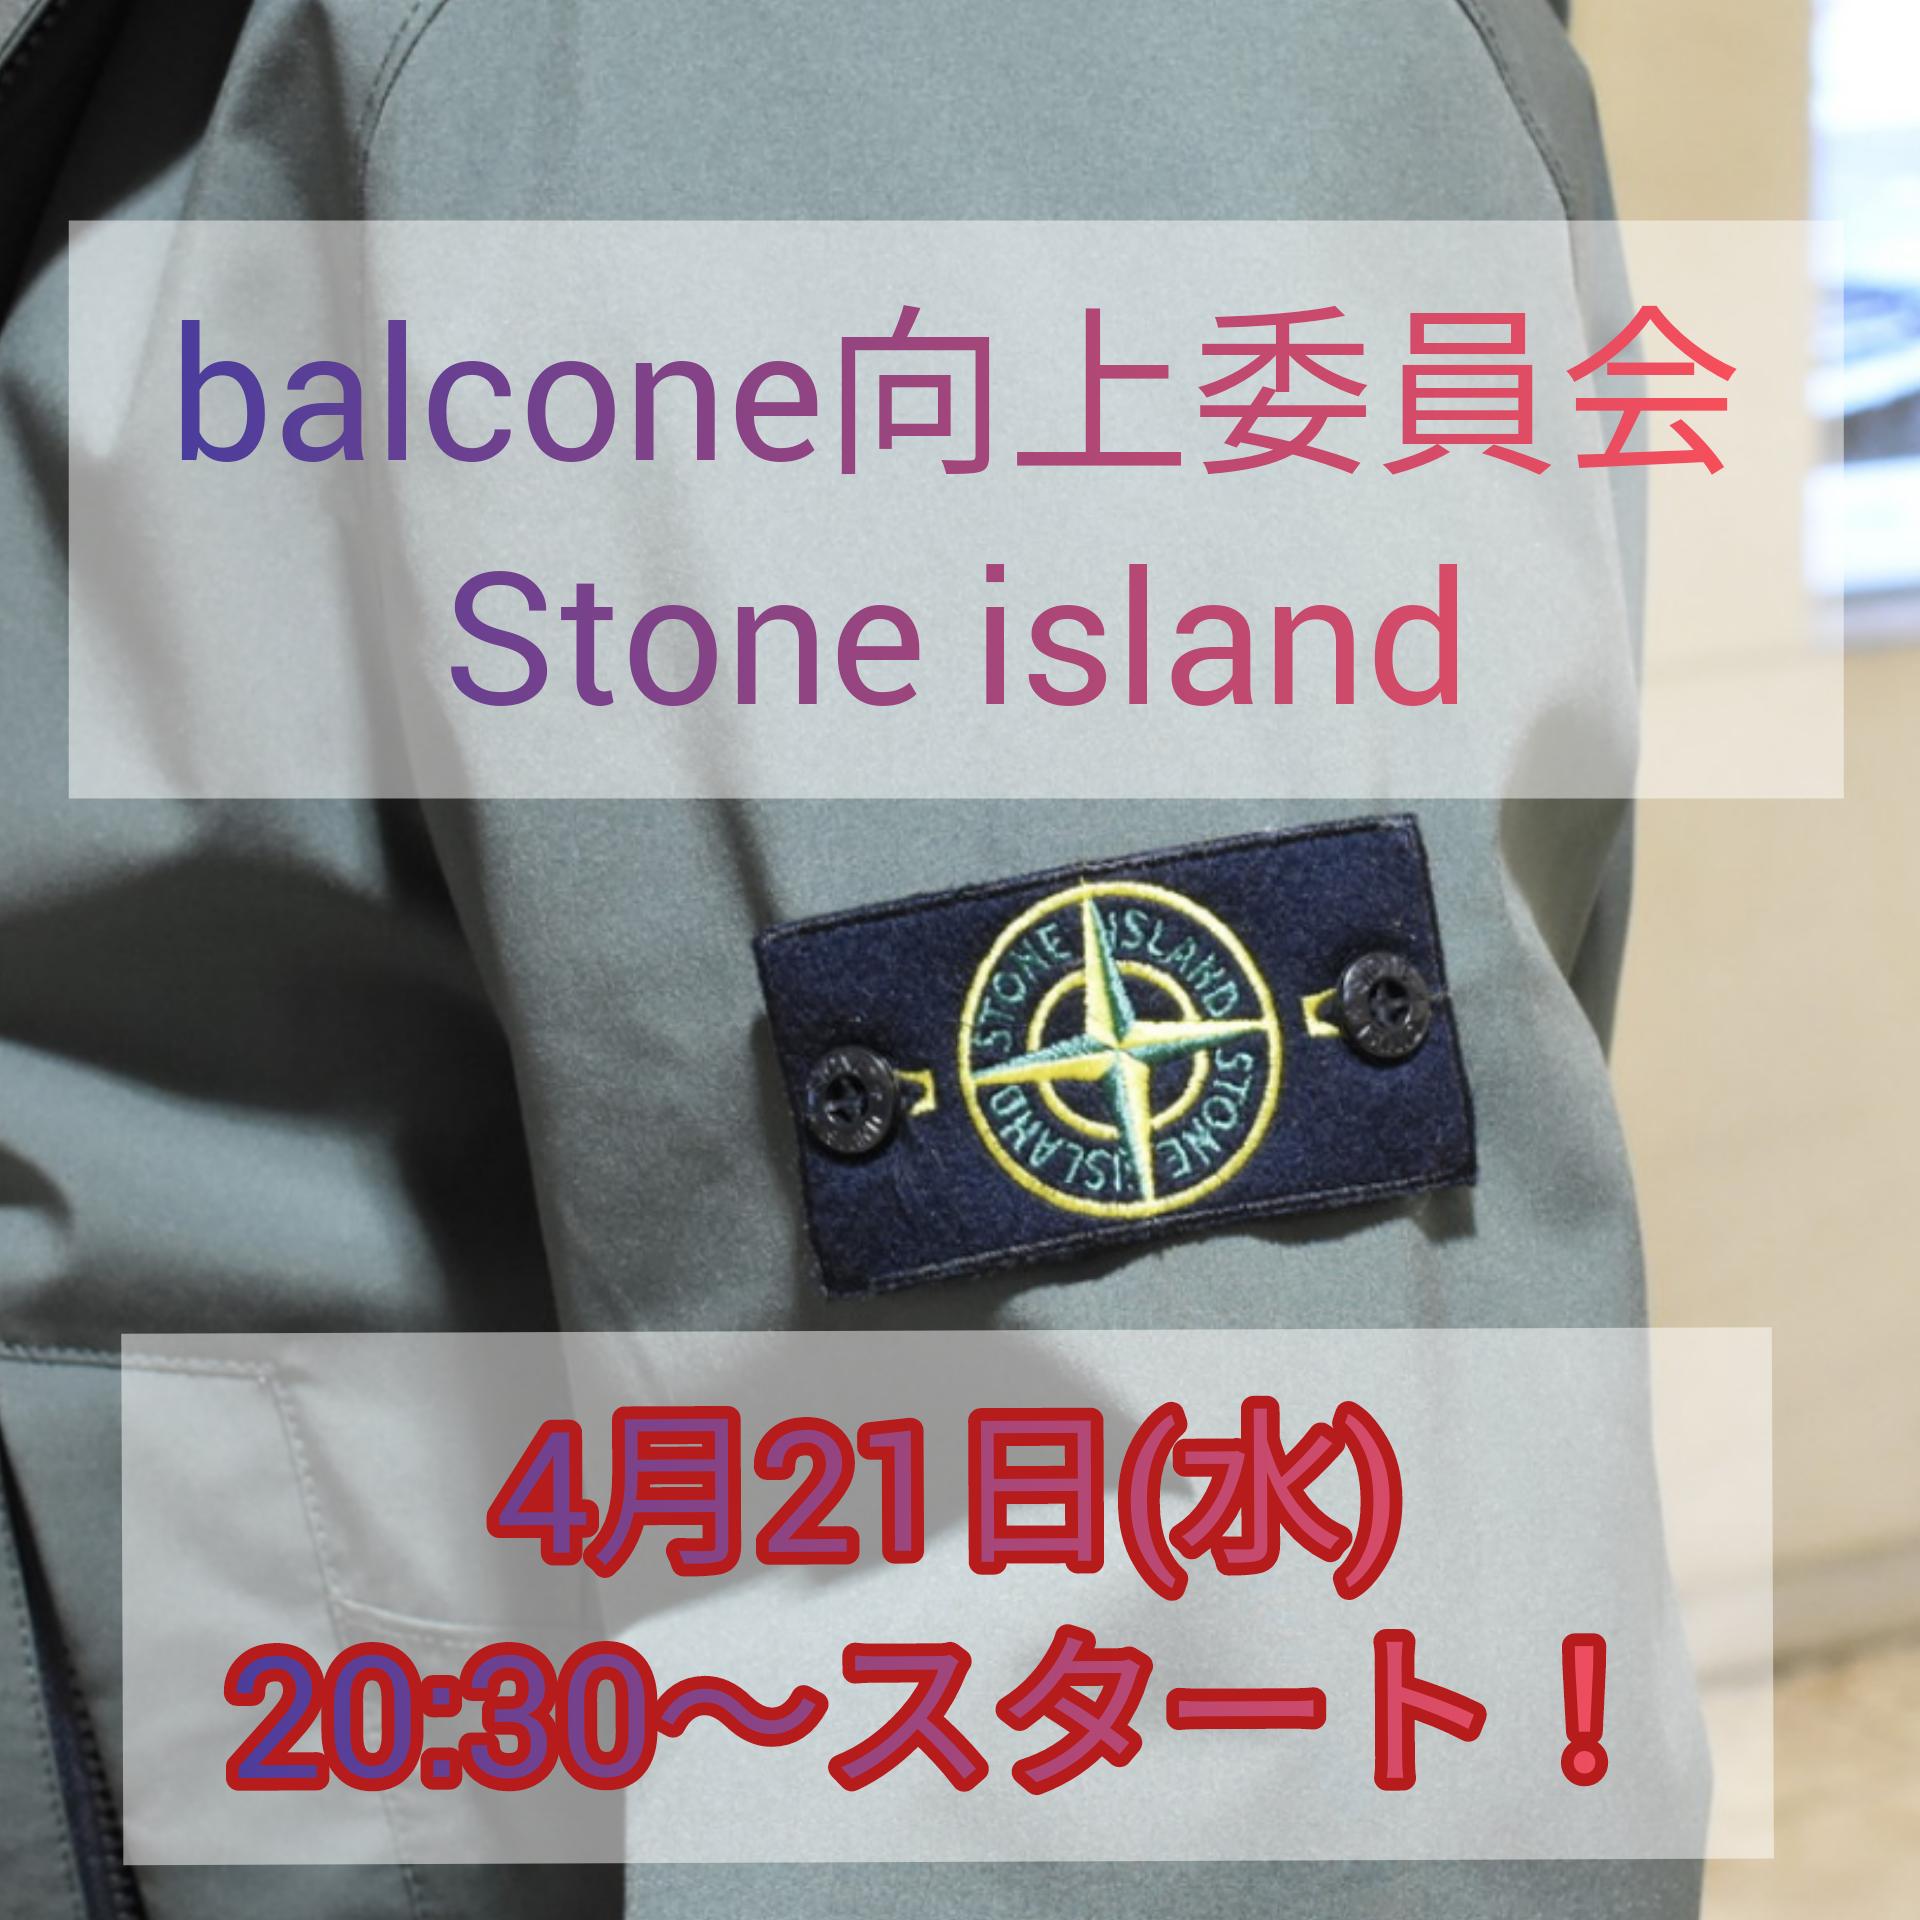 『gujiの縁側』<BR>4月21日(水)20:30〜インスタライブ開催します!